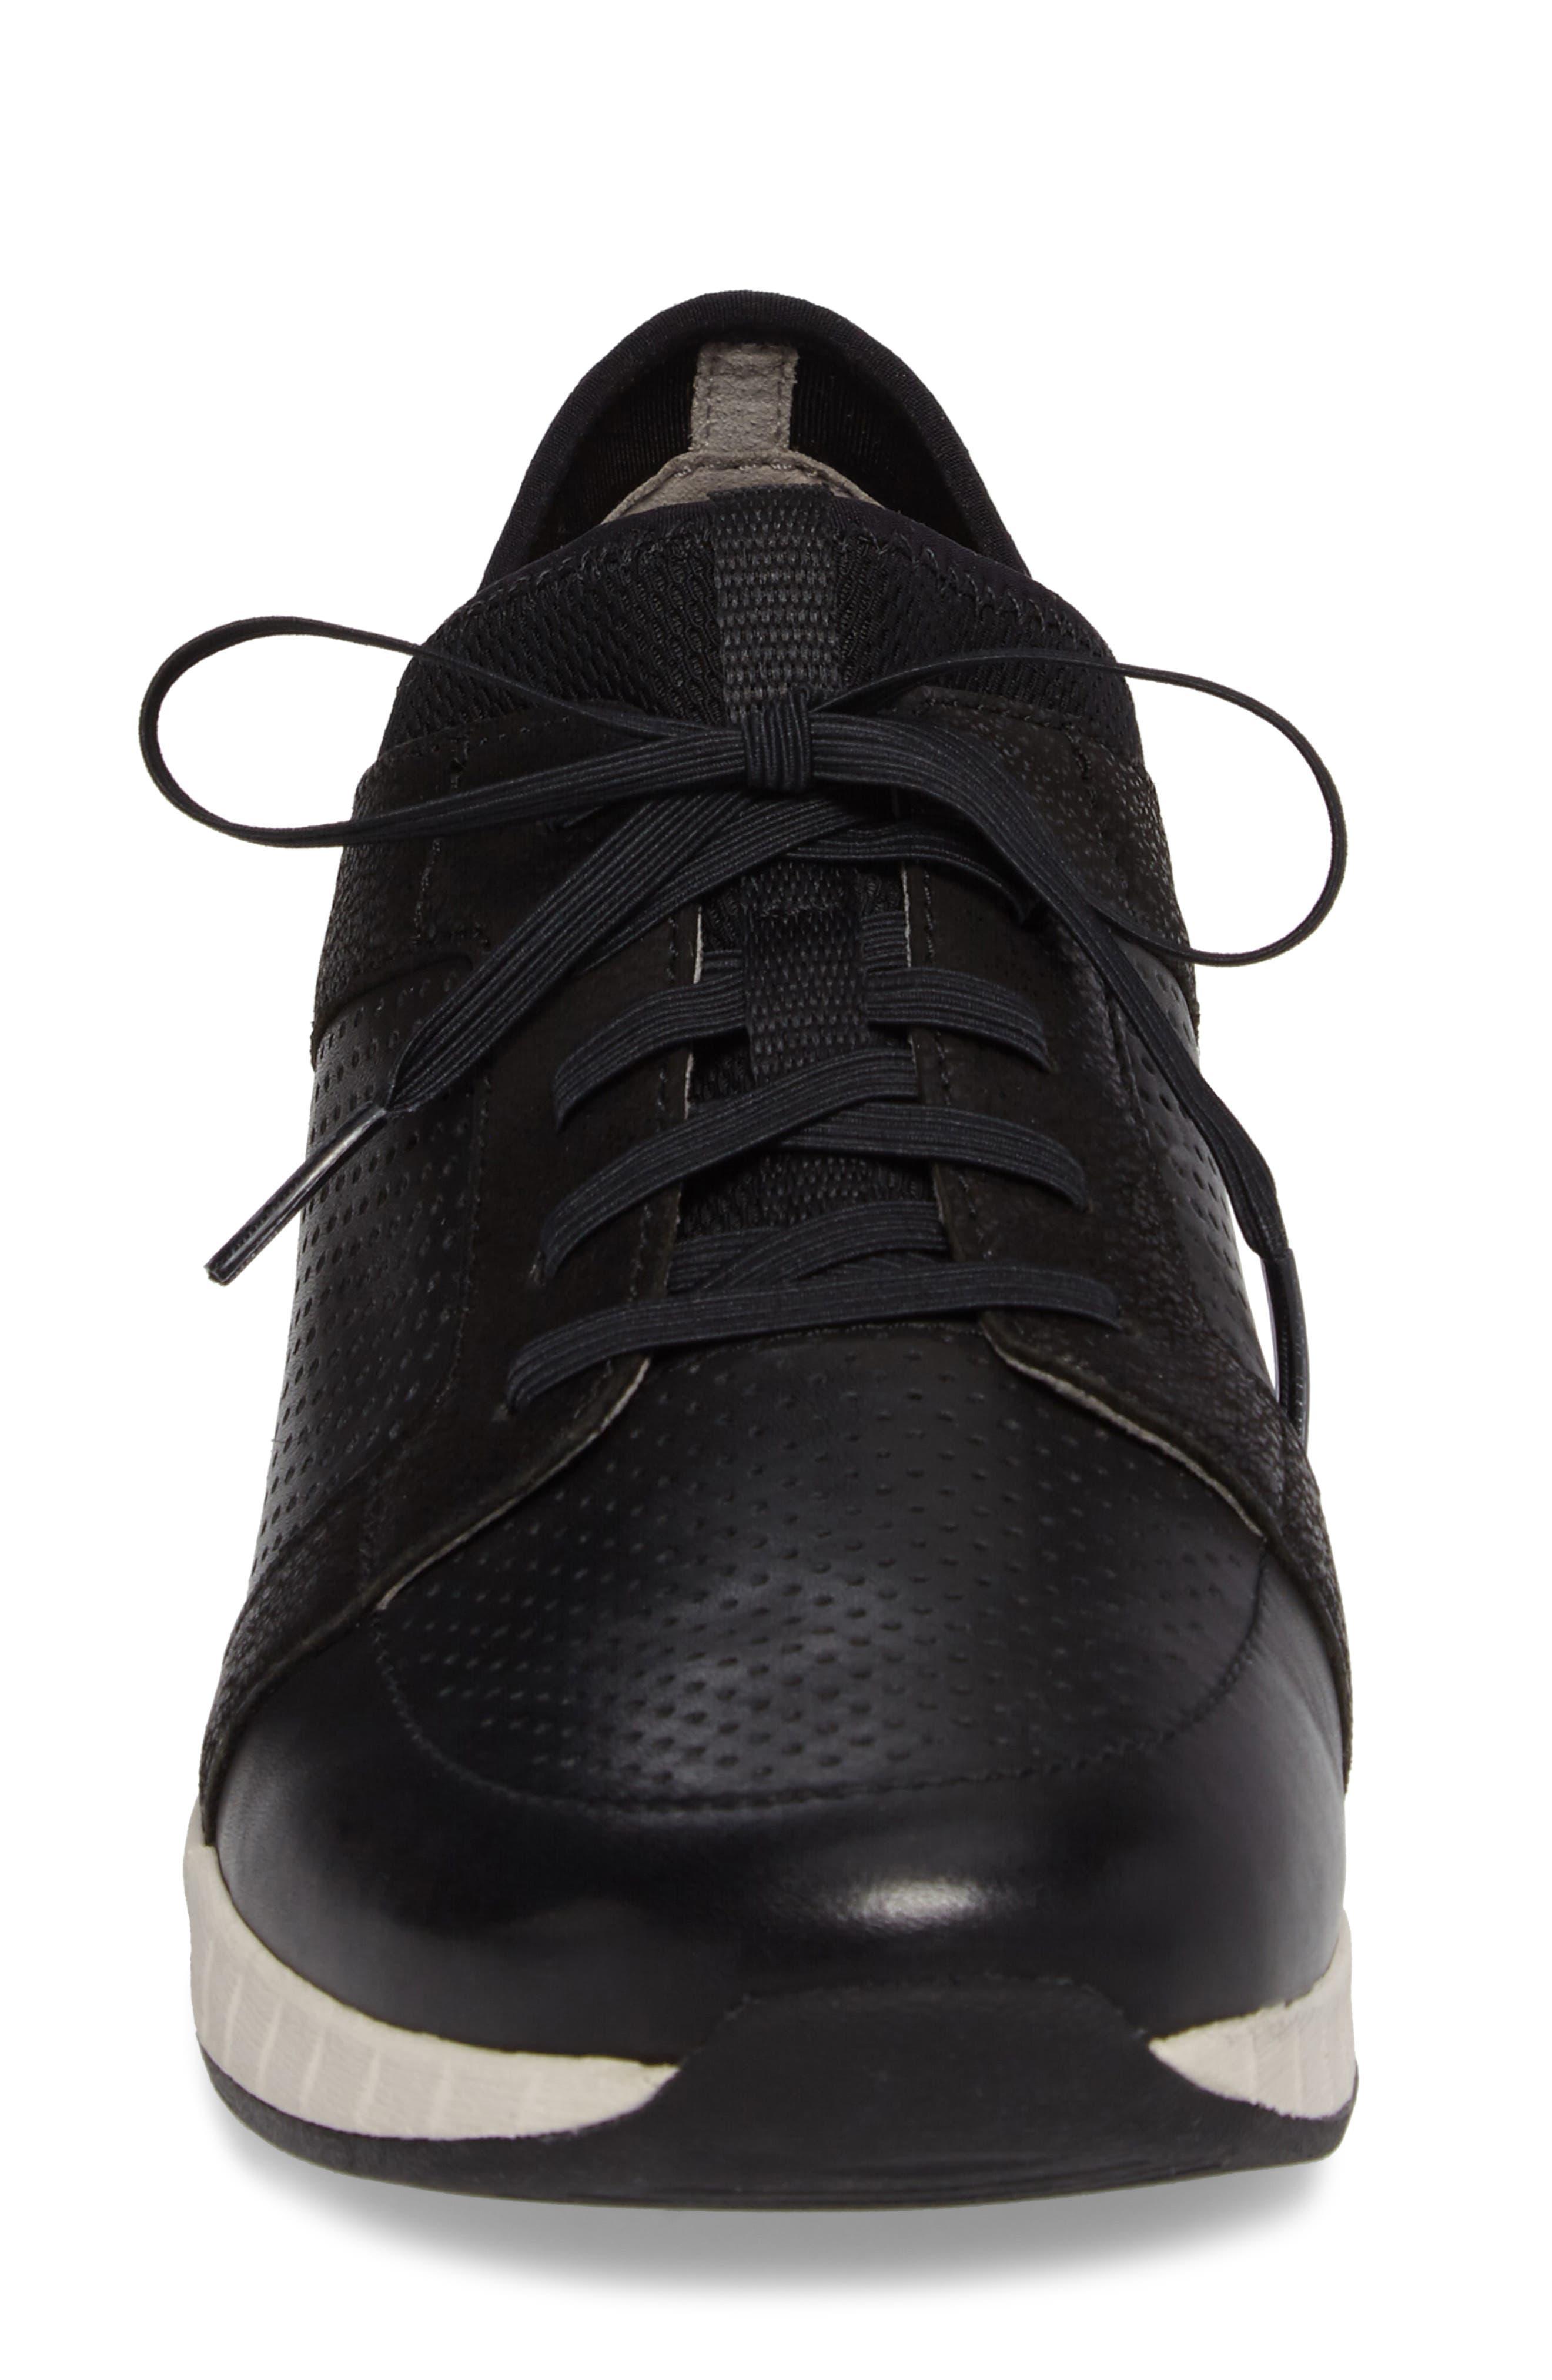 Cozette Slip-On Sneaker,                             Alternate thumbnail 4, color,                             001